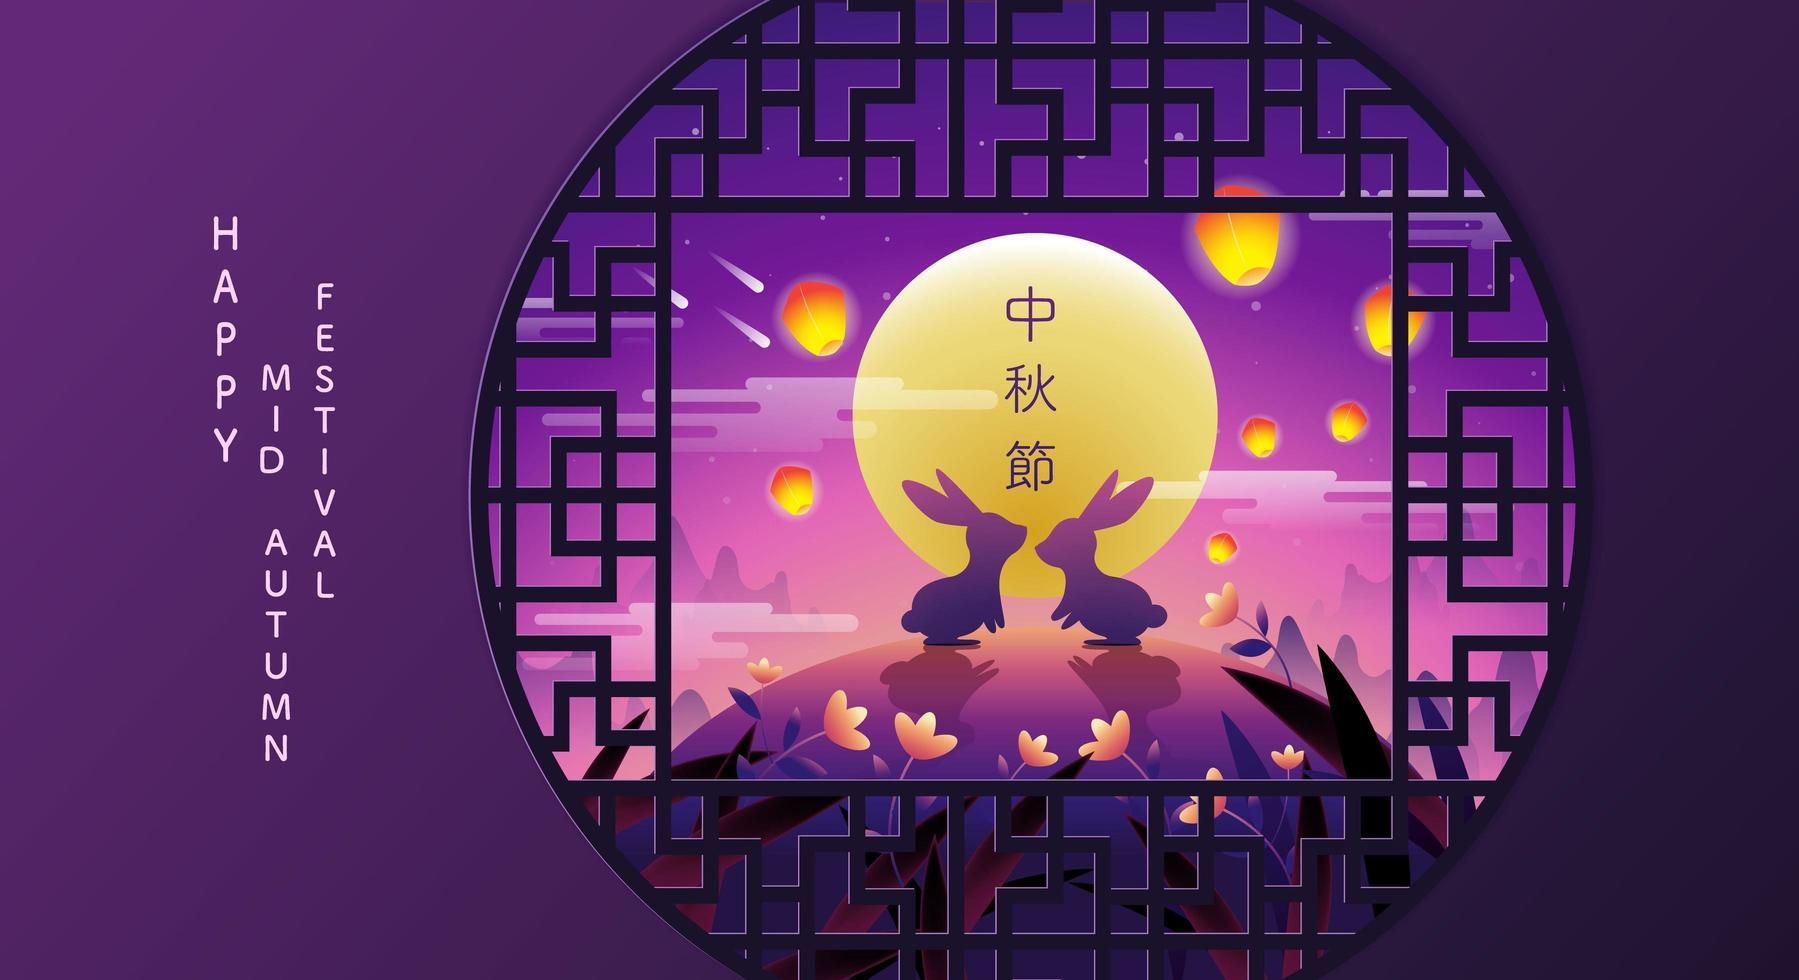 medio herfst festivalontwerp met twee konijnen op heuvel vector